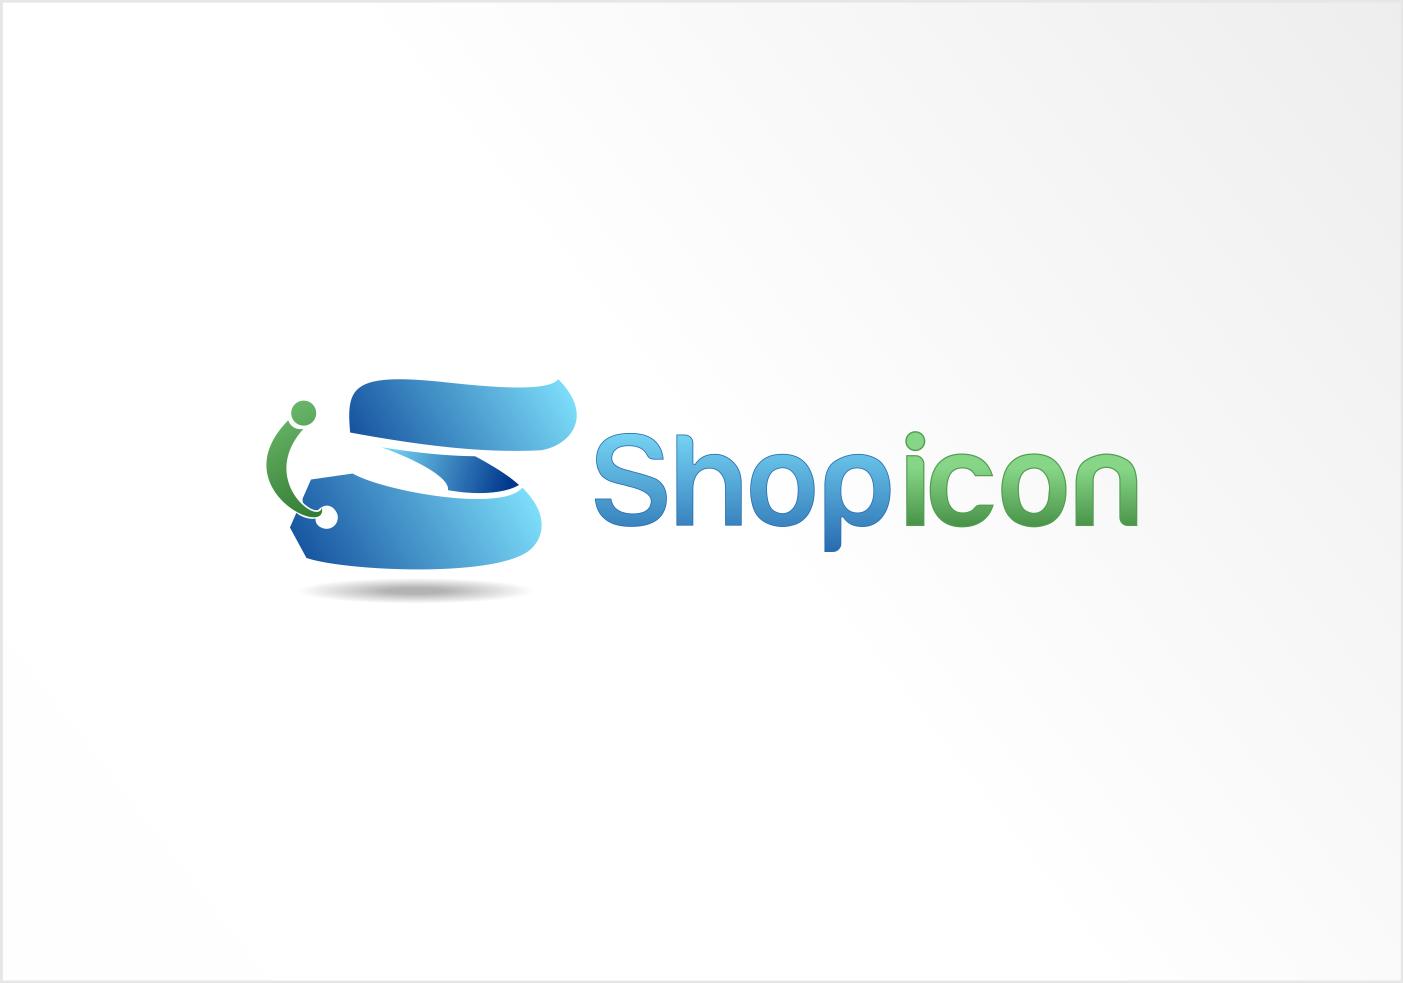 Shopicon needs a new logo